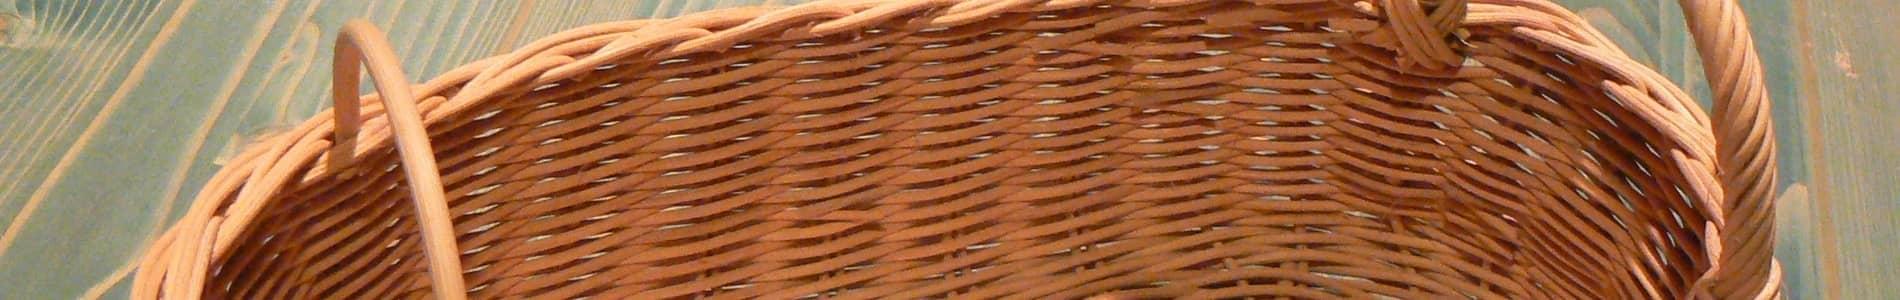 kurz pletení košíků 2_